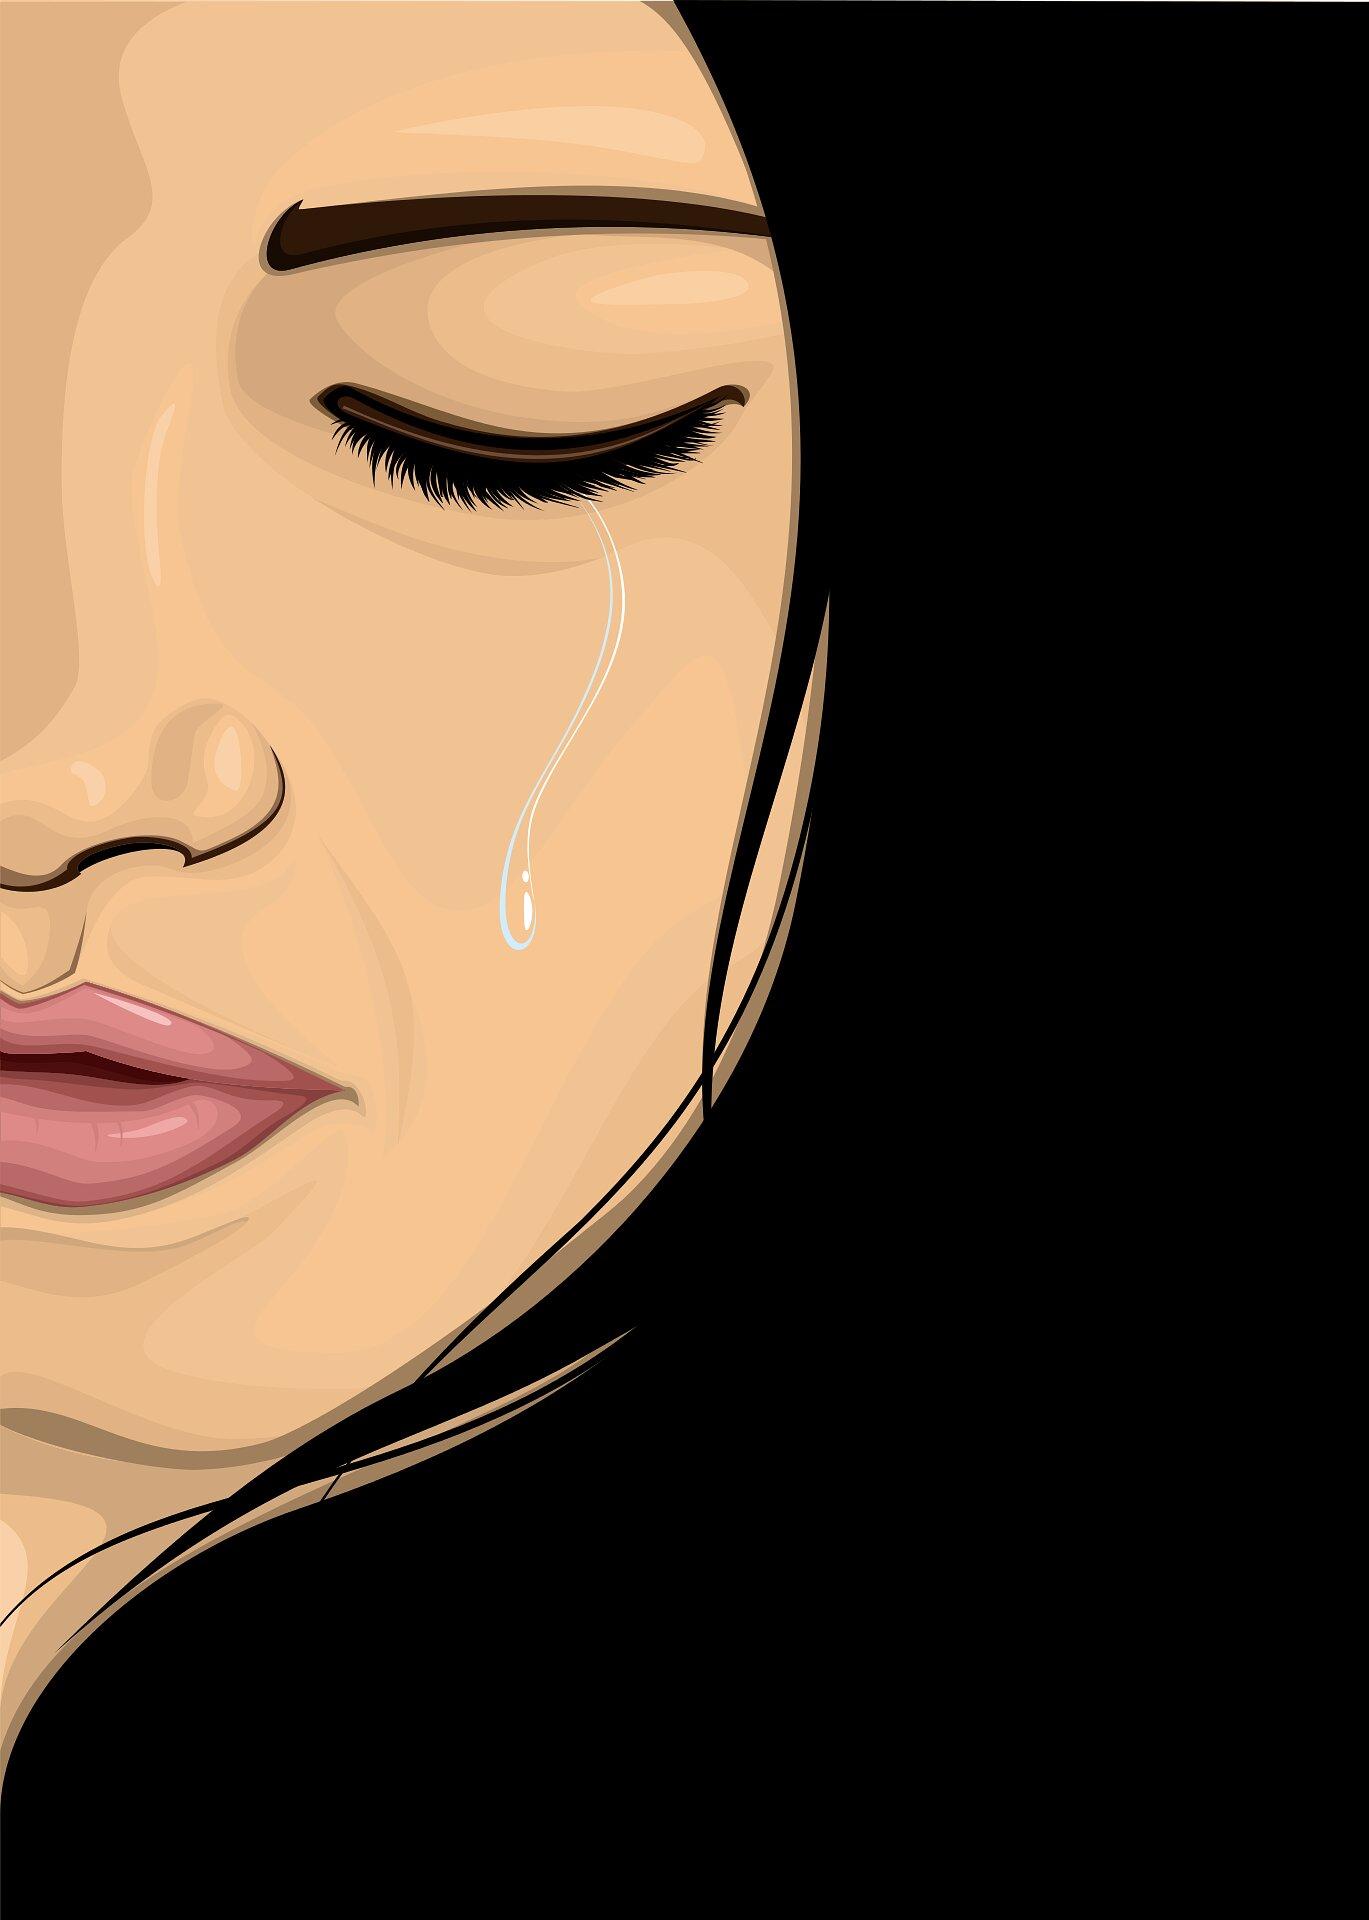 Mütterliche depression: Hilfe Suchen, früher ist besser für Mütter und Kinder